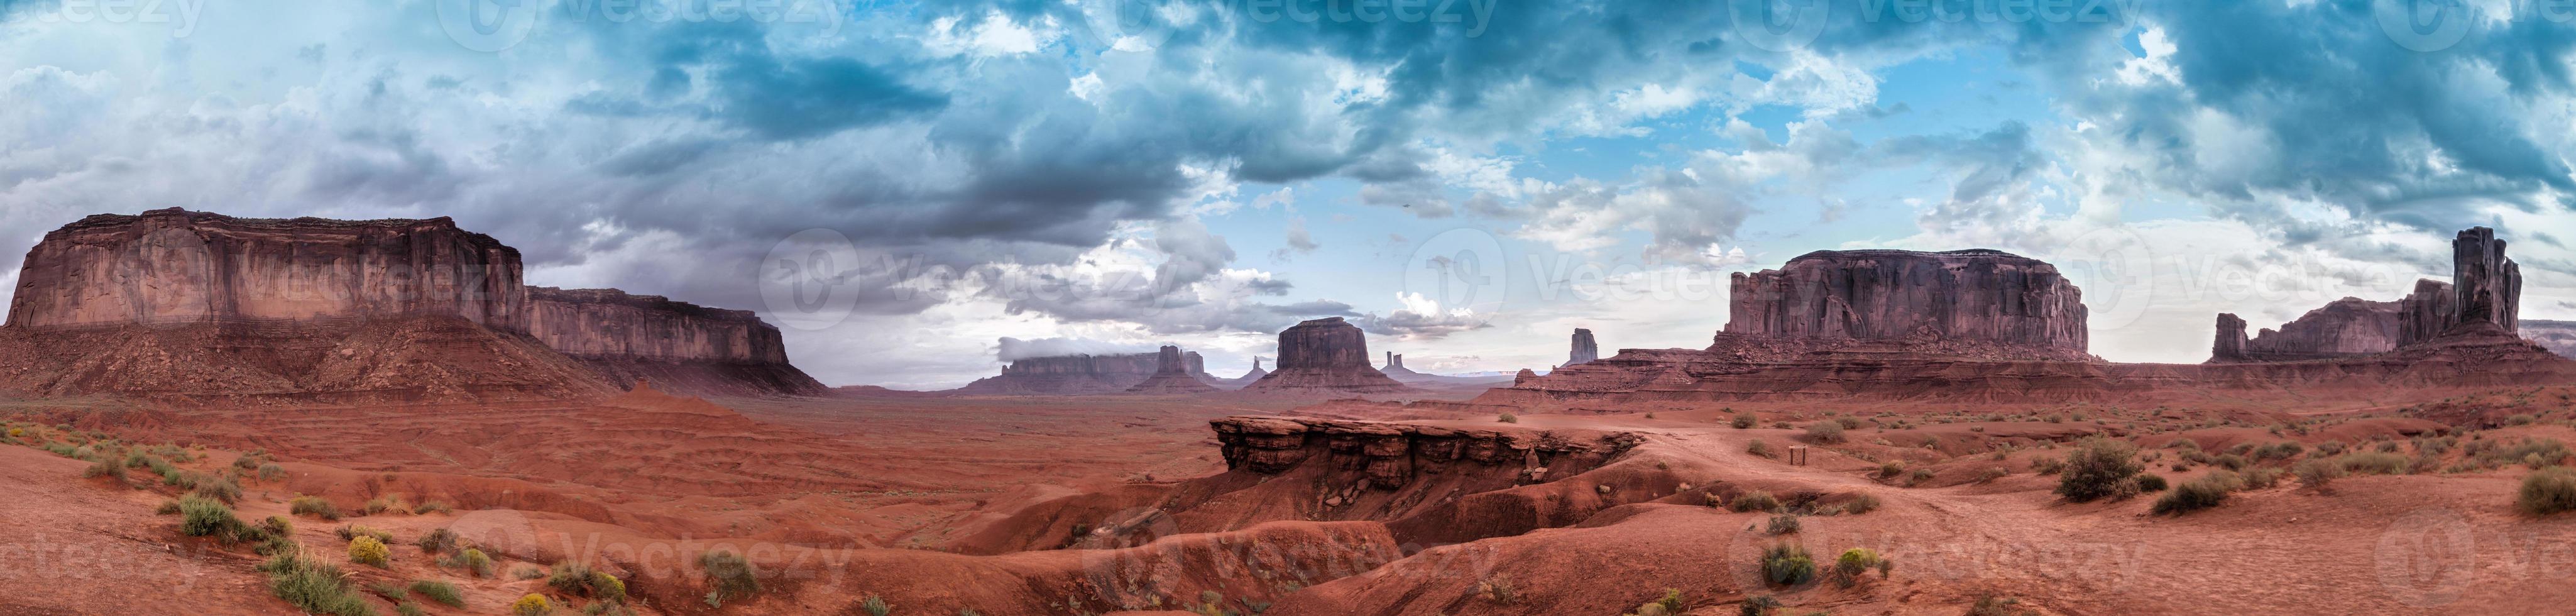 skyline della valle del monumento panorama foto